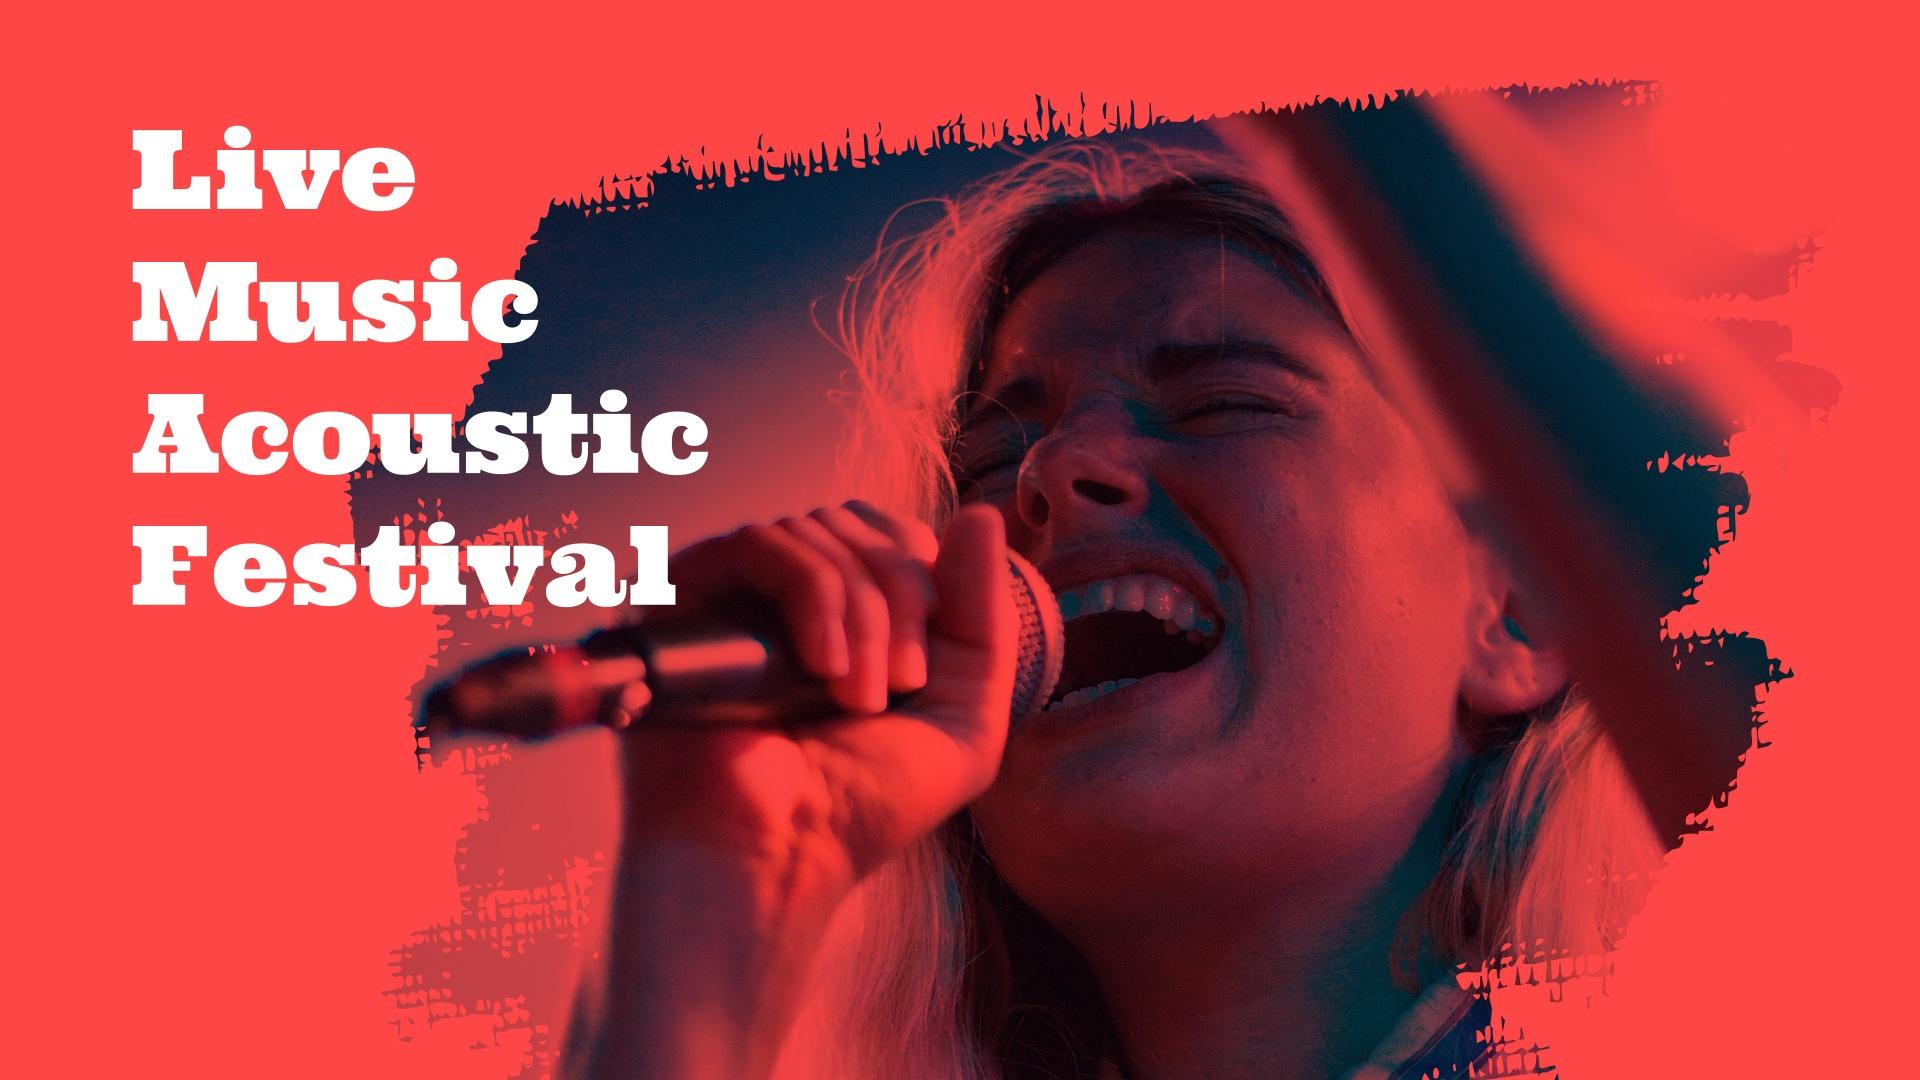 Wallpaper: Live Music Festival